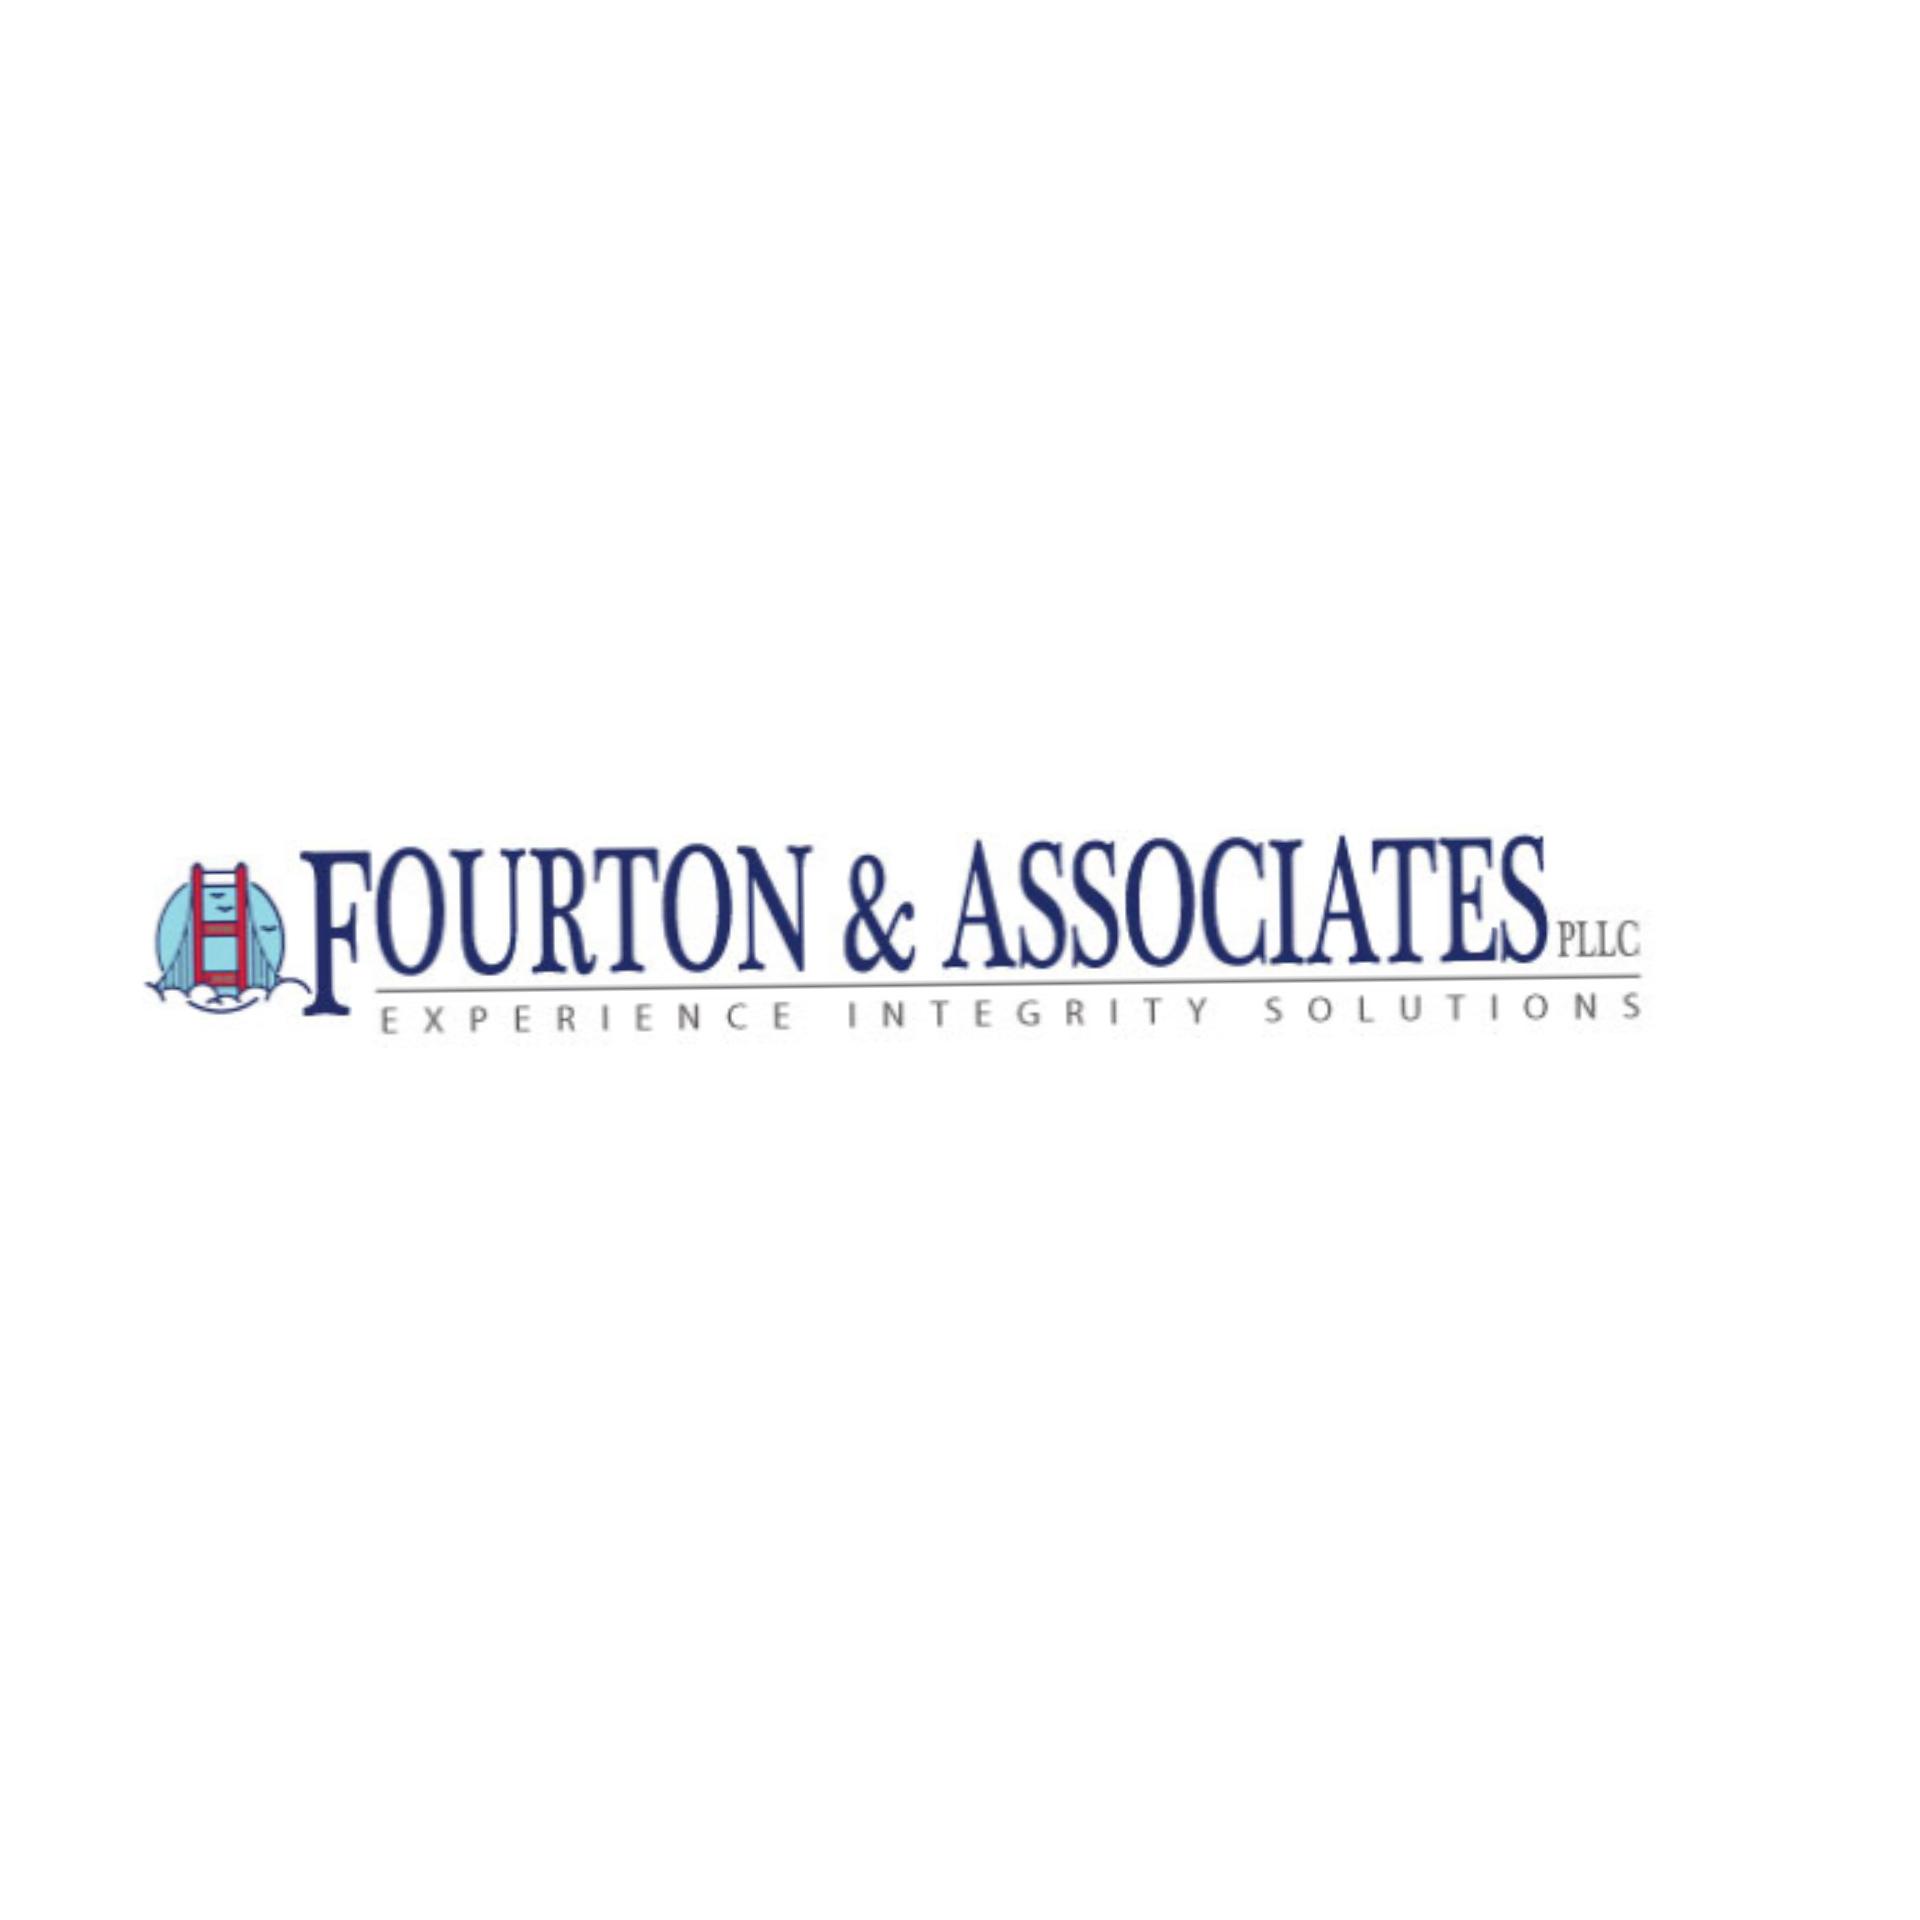 Fourton Associates